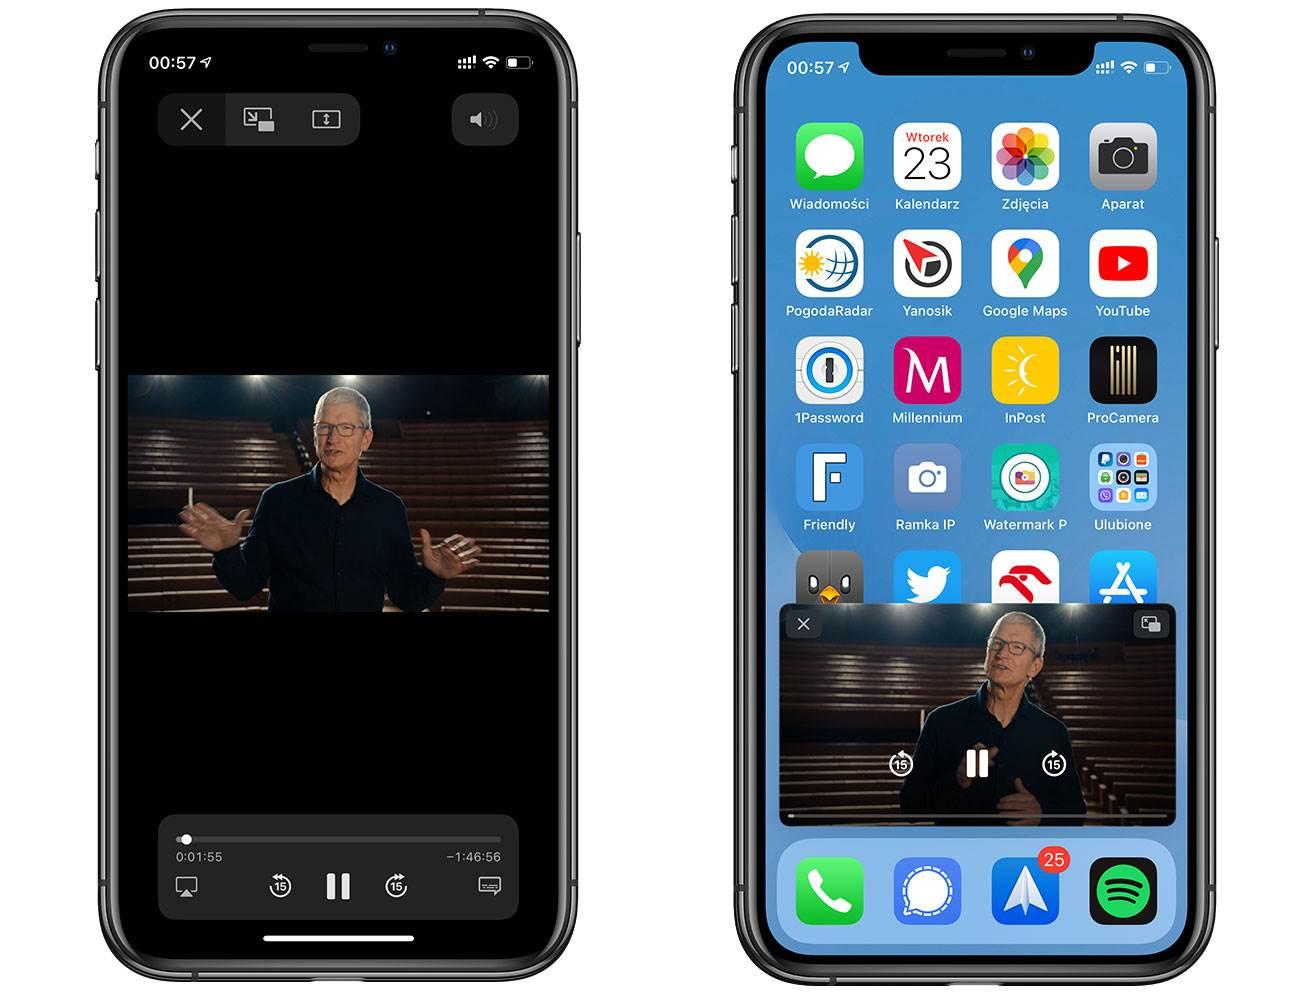 iOS 14 - polskie screeny polecane, ciekawostki zrzuty ekranu, screeny, polskie screeny z iOS 14 beta 1, polskie screeny z iOS 14, jak wygląda iOS 14 beta, jak wyglada iOS 14, iOS 14 z bliska, iOS 14 screeny, iOS 14 beta screeny, iOS, Apple  Pierwsza beta iOS 14 jest już w naszych rękach, więc przygotowaliśmy dla Was polskie screeny z najnowszej wersji iOS. iOS14 6 2